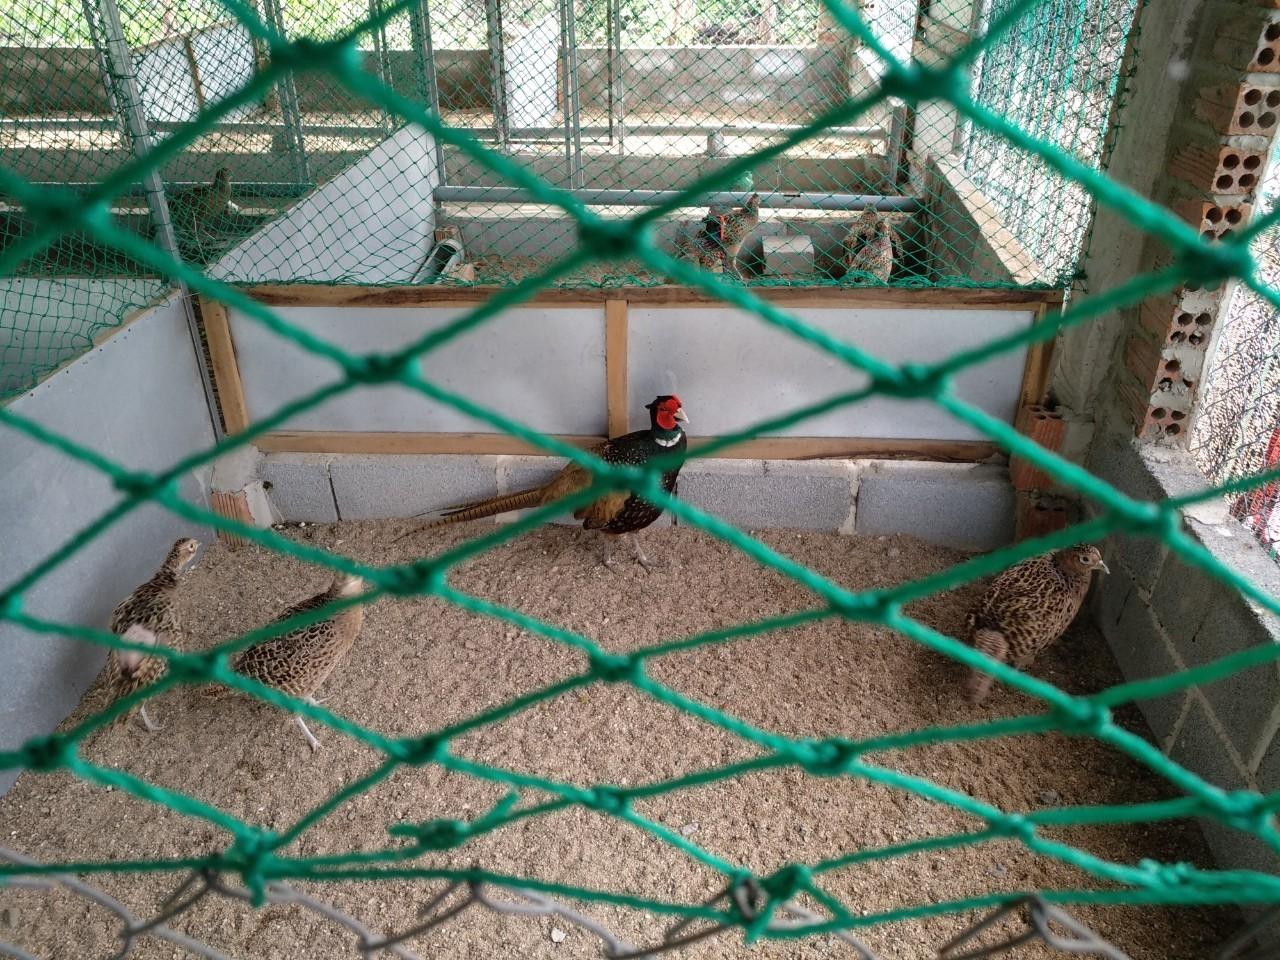 hình ảnh sản phẩm Chim Trĩ Đuôi Dài Nuôi Phong Thuỷ